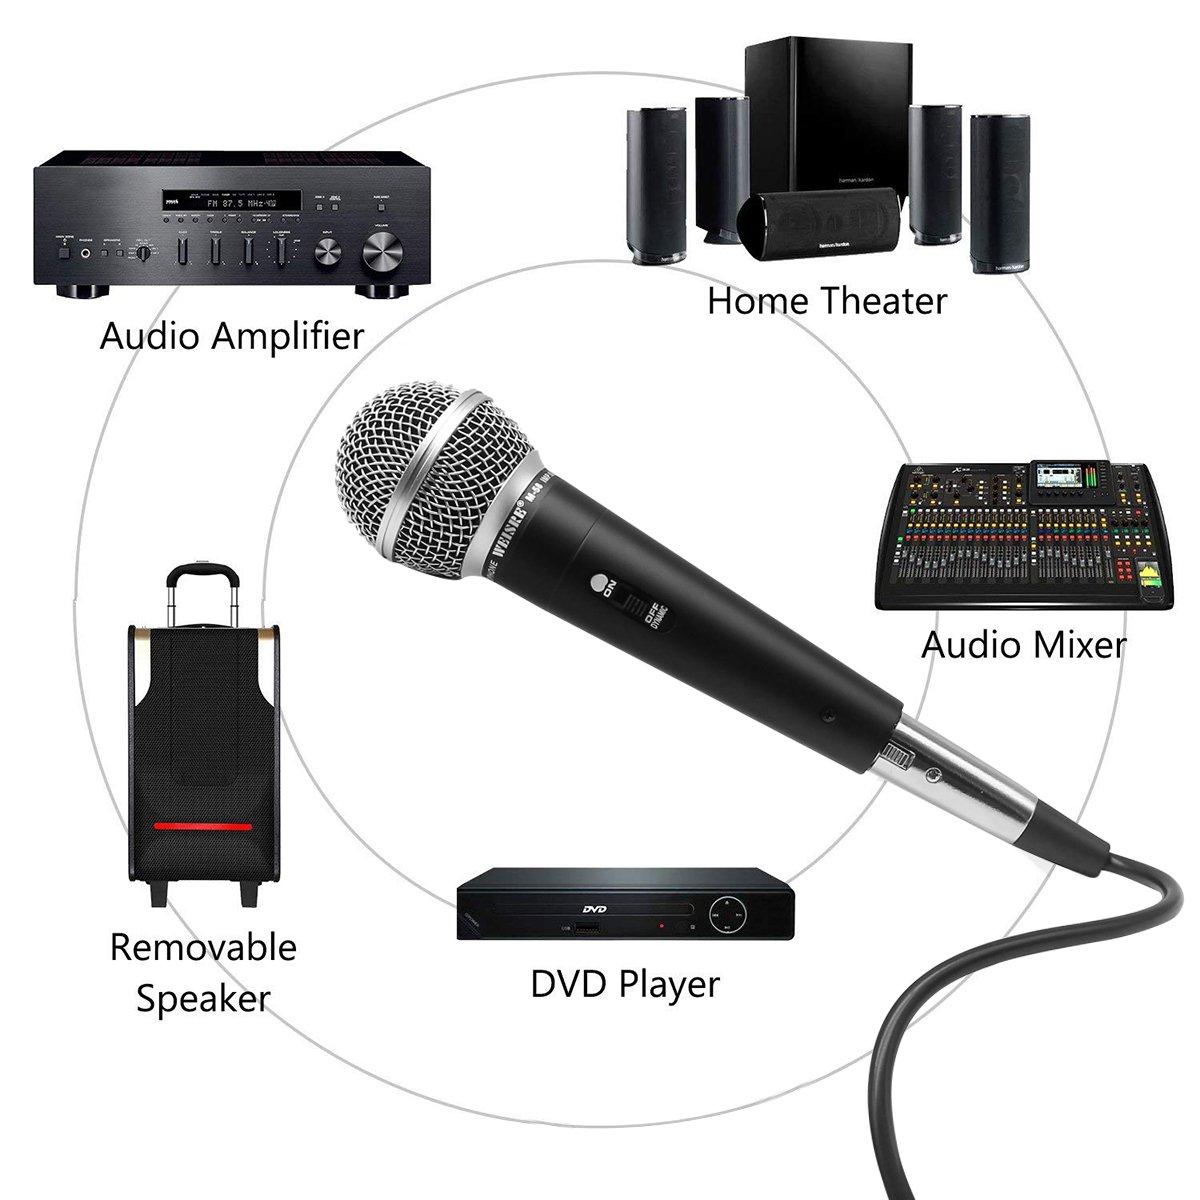 казакова картинки подключение микрофона модель производится, однако